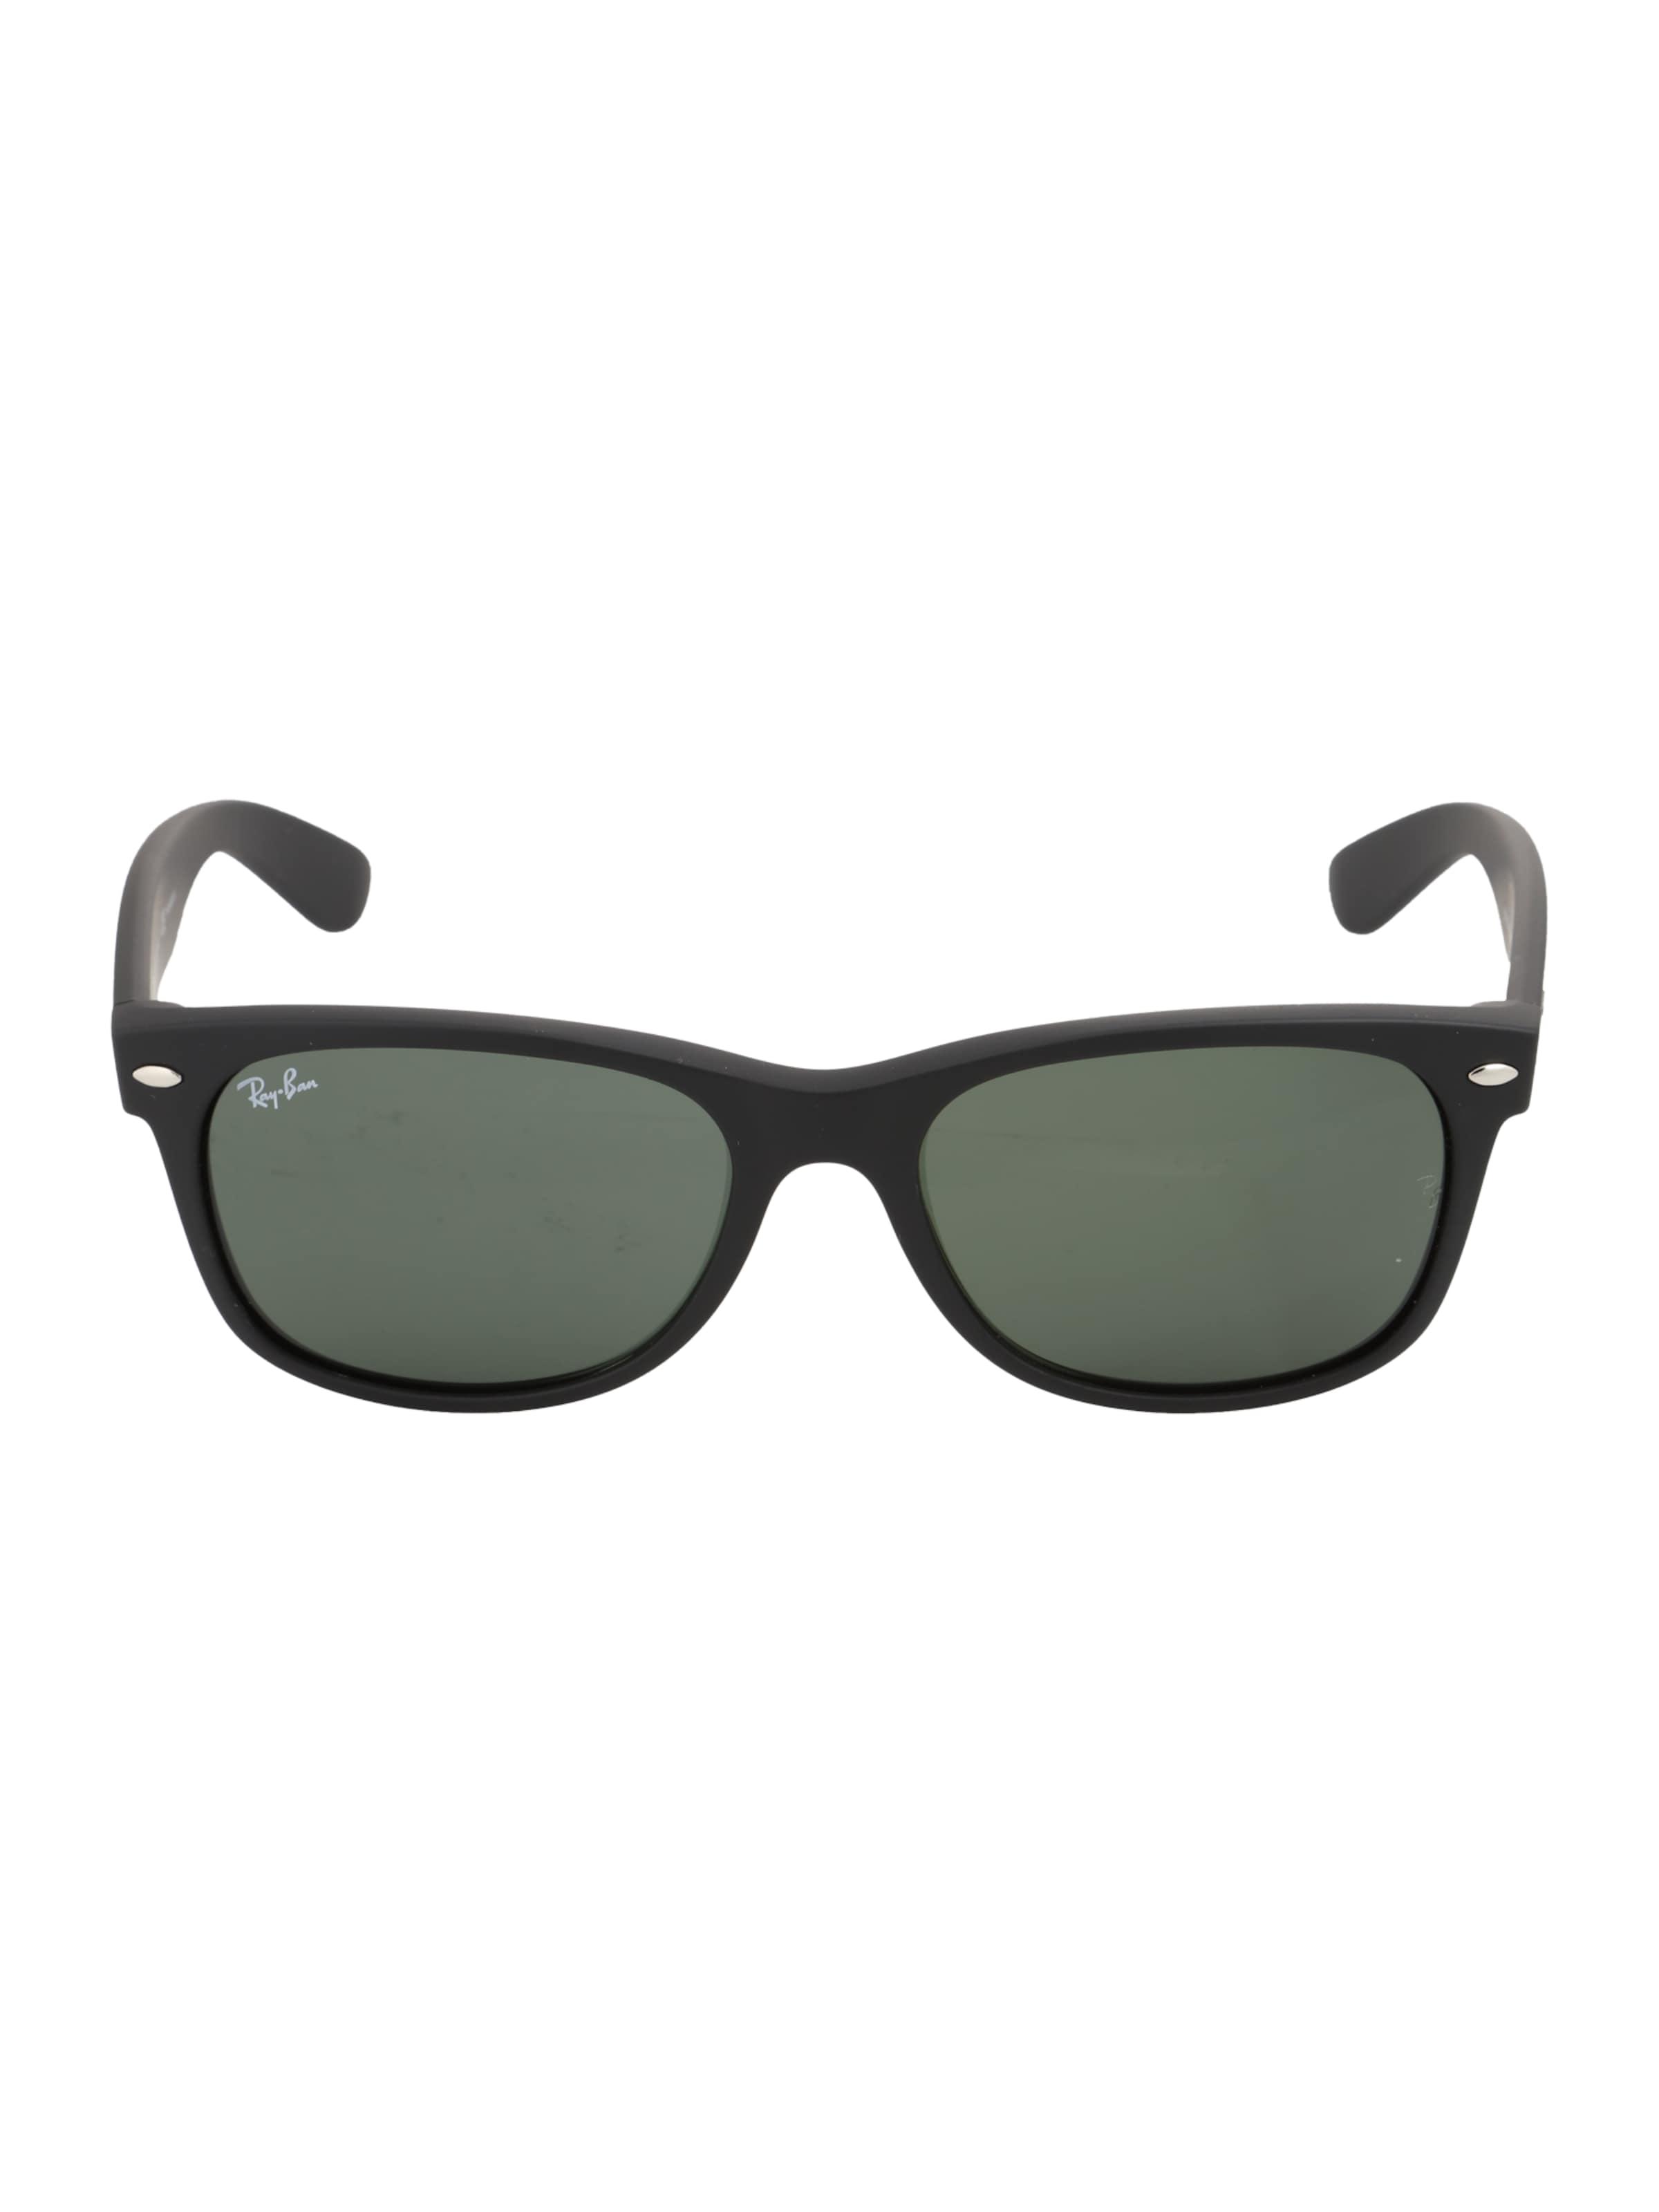 Spielraum Fälschung Ray-Ban Casual Sonnenbrille 'NEW WAYFARER' Spielraum Schnelle Lieferung Günstig Kaufen Footaction Freiheit In Deutschland zQxAv0qj